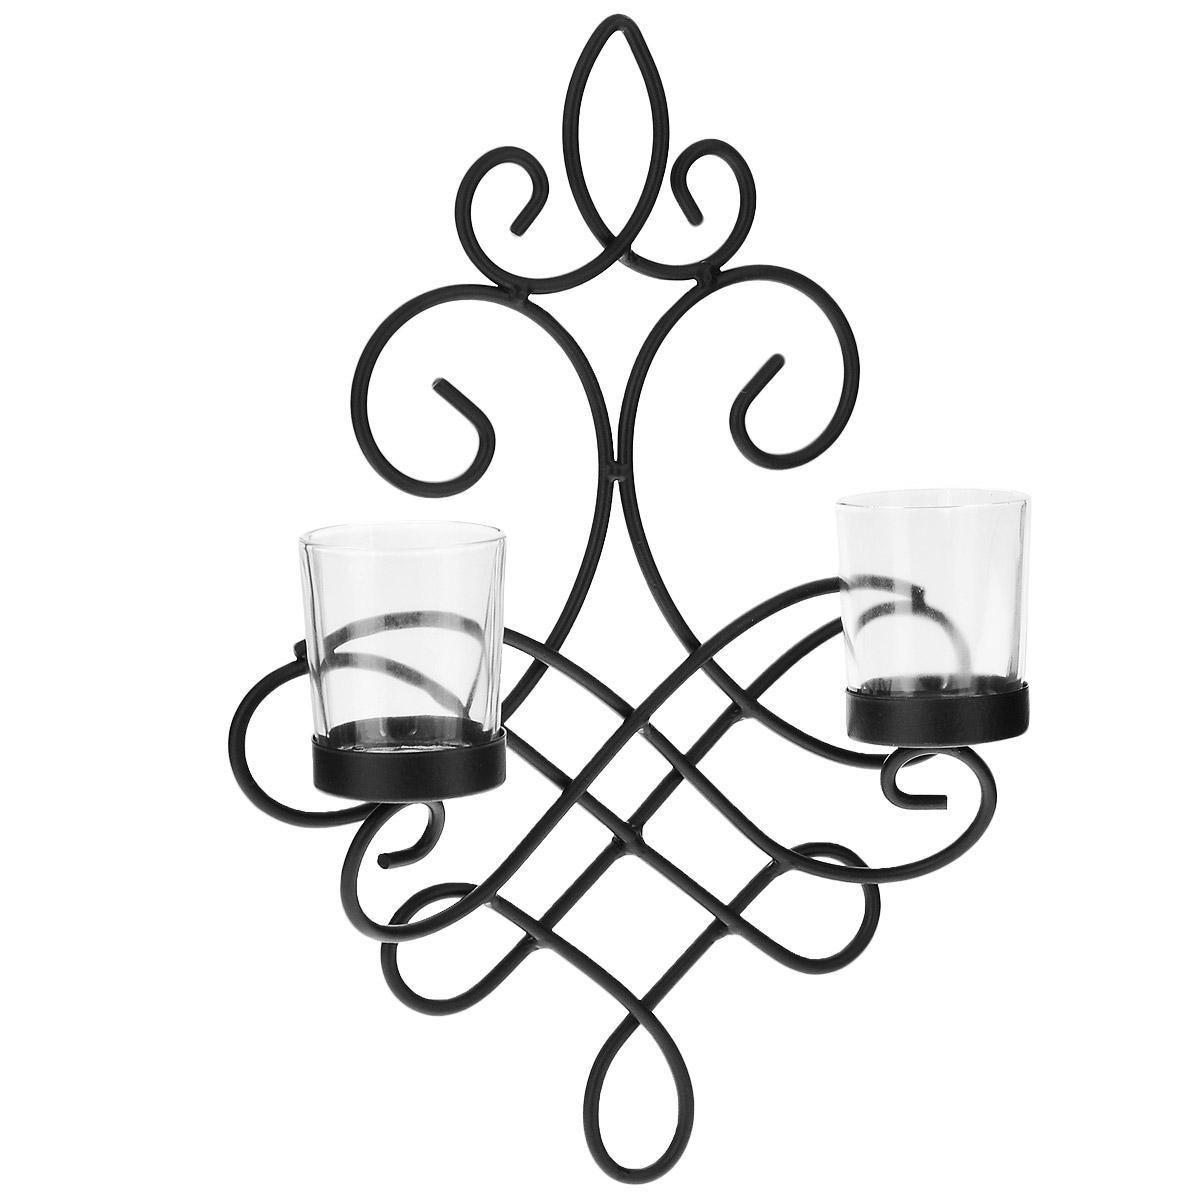 Подсвечник настенный Gardman Lille, 33 х 24 см19614Настенный подсвечник Gardman Lille, выполненный из металла черного цвета в готическом стиле, рассчитан на две свечи. В подставки помещаются два стеклянных стакана для свечей. Подсвечник великолепно украсит интерьер помещения, а также прекрасно будет смотреться в саду, если его прикрепить к кирпичной стене (крепления в комплект не входят). Поместите свечу-таблетку в стакан, зажгите ее и наслаждайтесь атмосферой загадочности и уюта. Размер подсвечника: 33 см х 24 см. Диаметр стаканов для свечей: 5 см. Высота стаканов для свечей: 6,5 см.